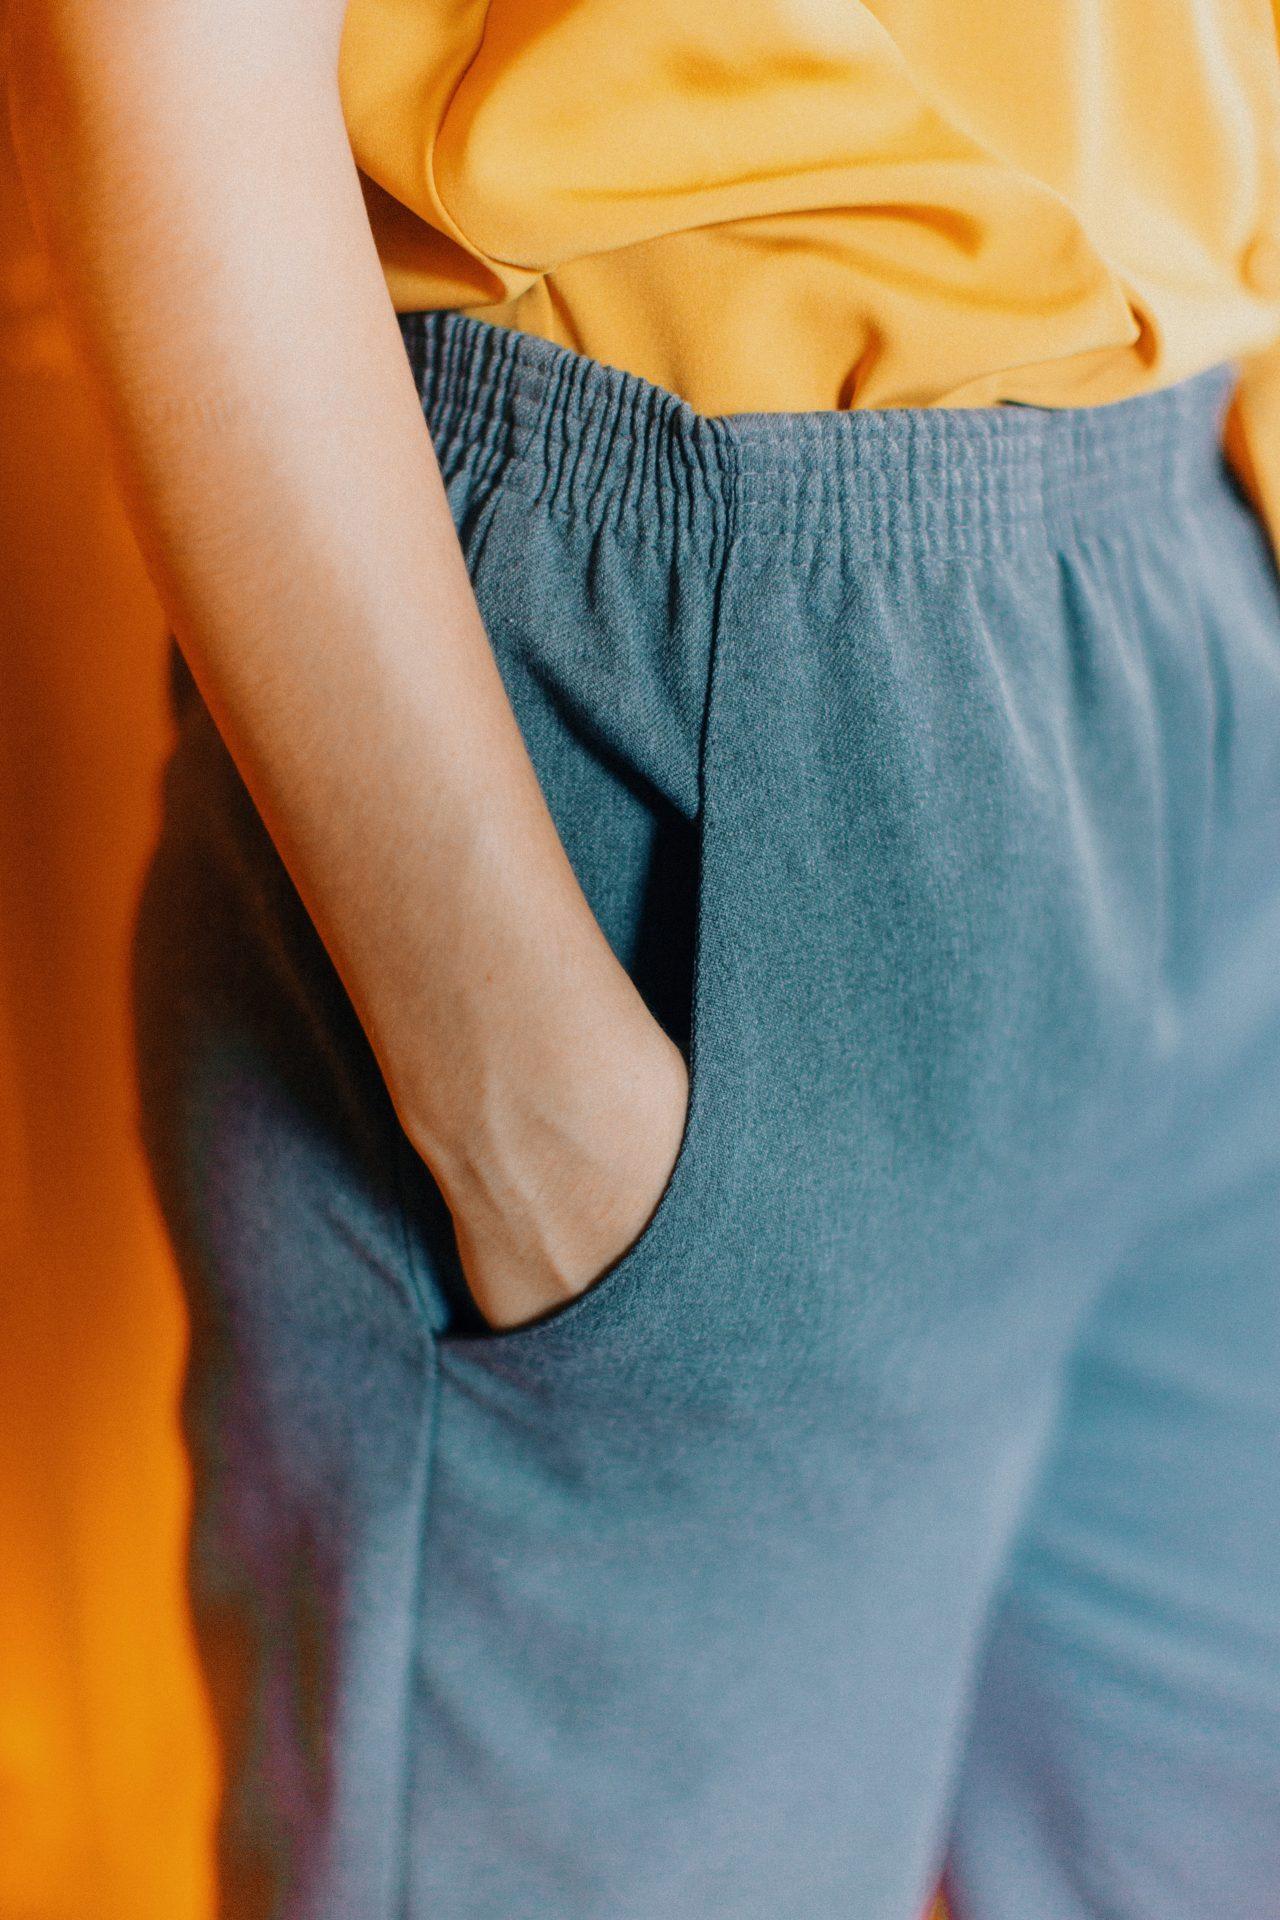 Chụp ảnh quần áo